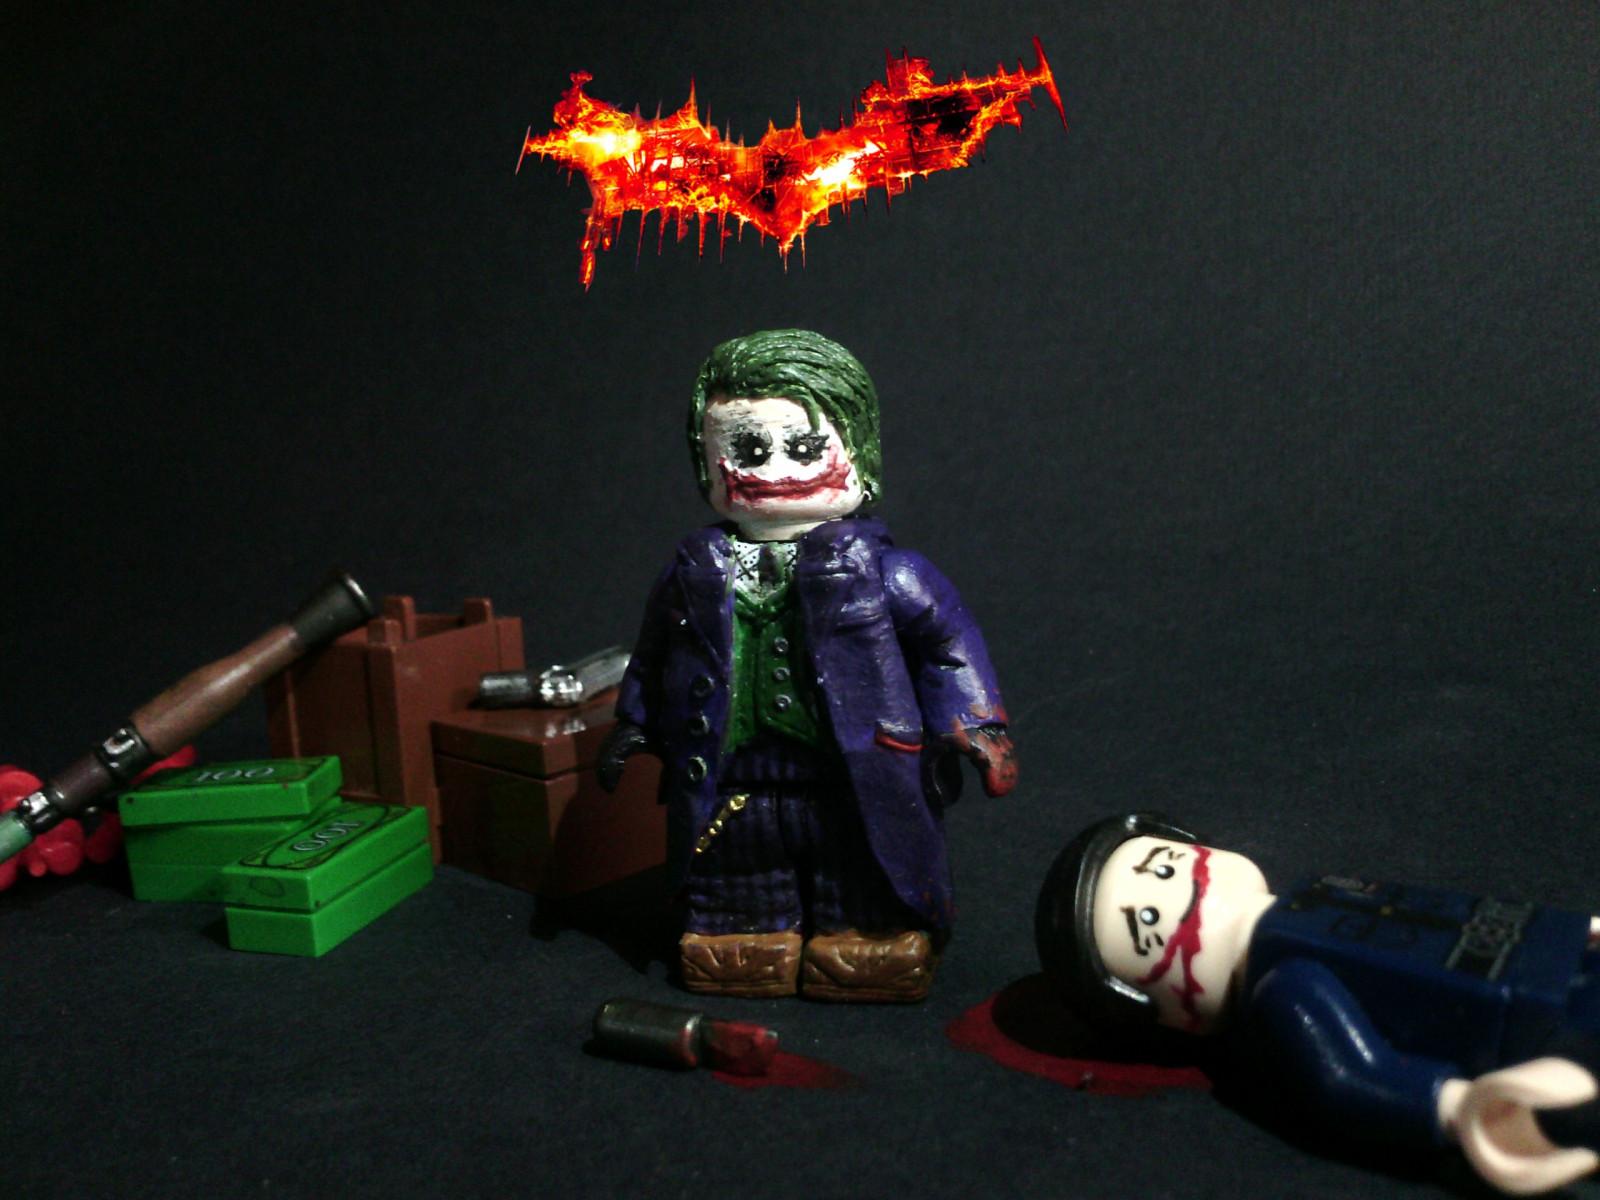 Masaüstü Karanlık şövalye Joker Lego Oyuncak özel Heath The